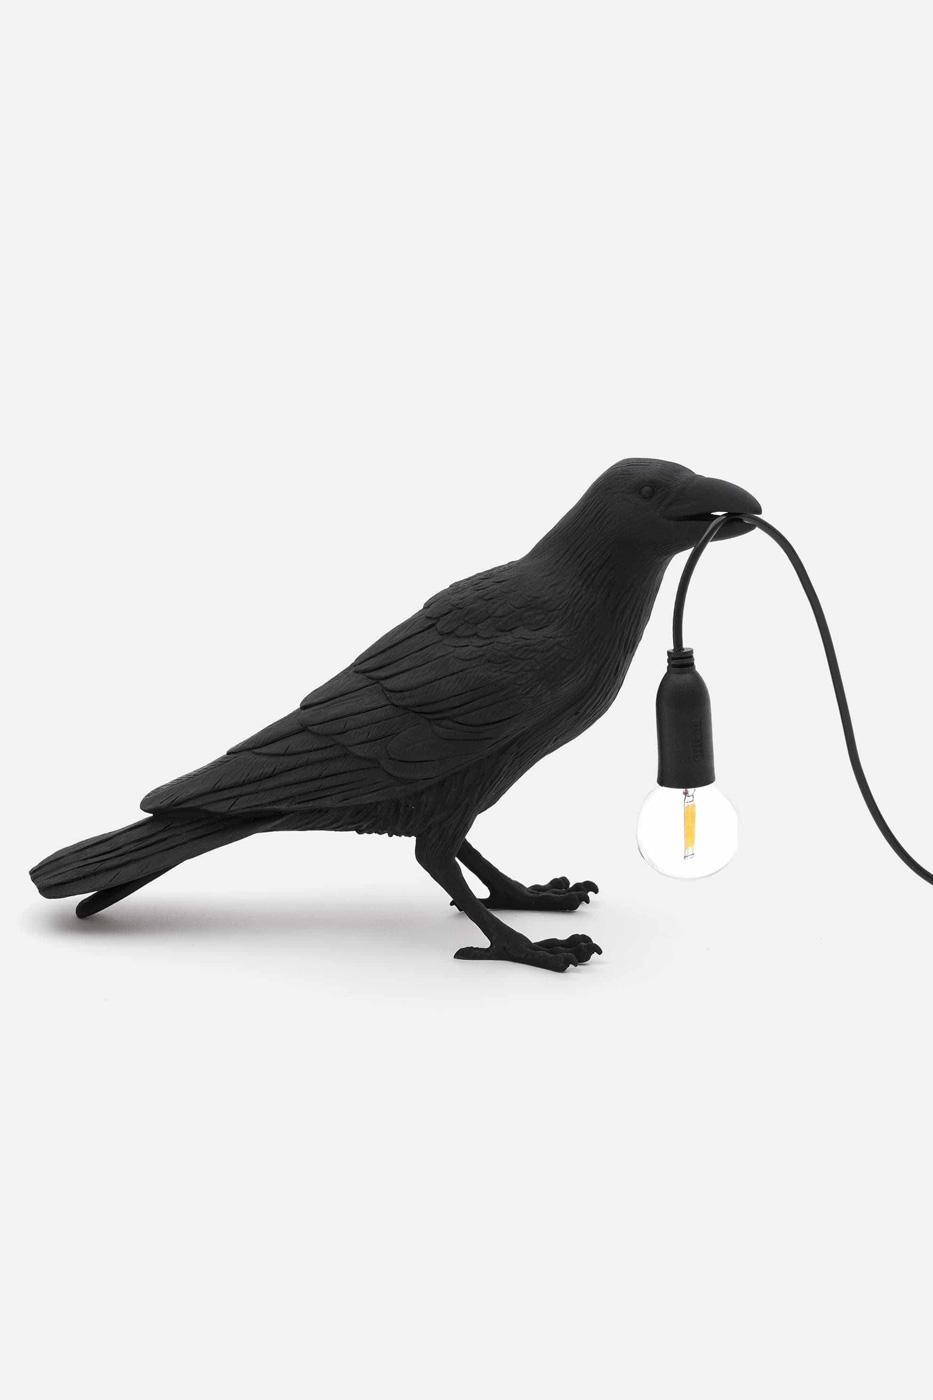 Bordslampa Bird lamp waiting #1